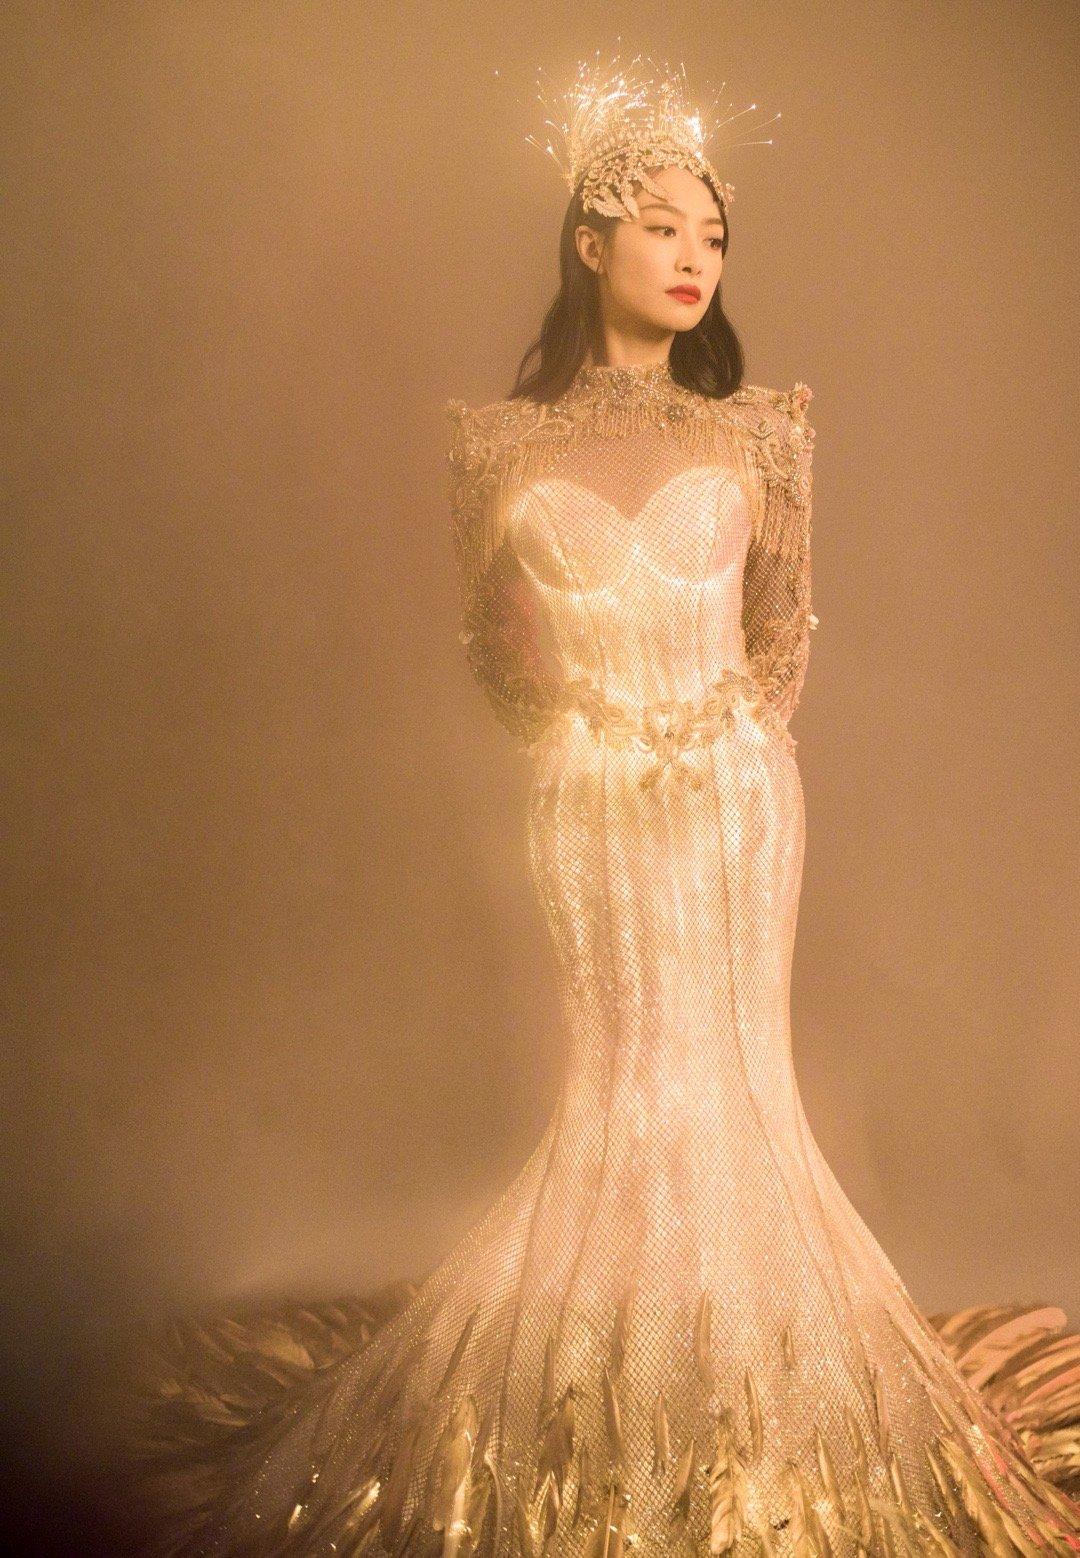 宋茜金鹰女神发光战袍,好美啊